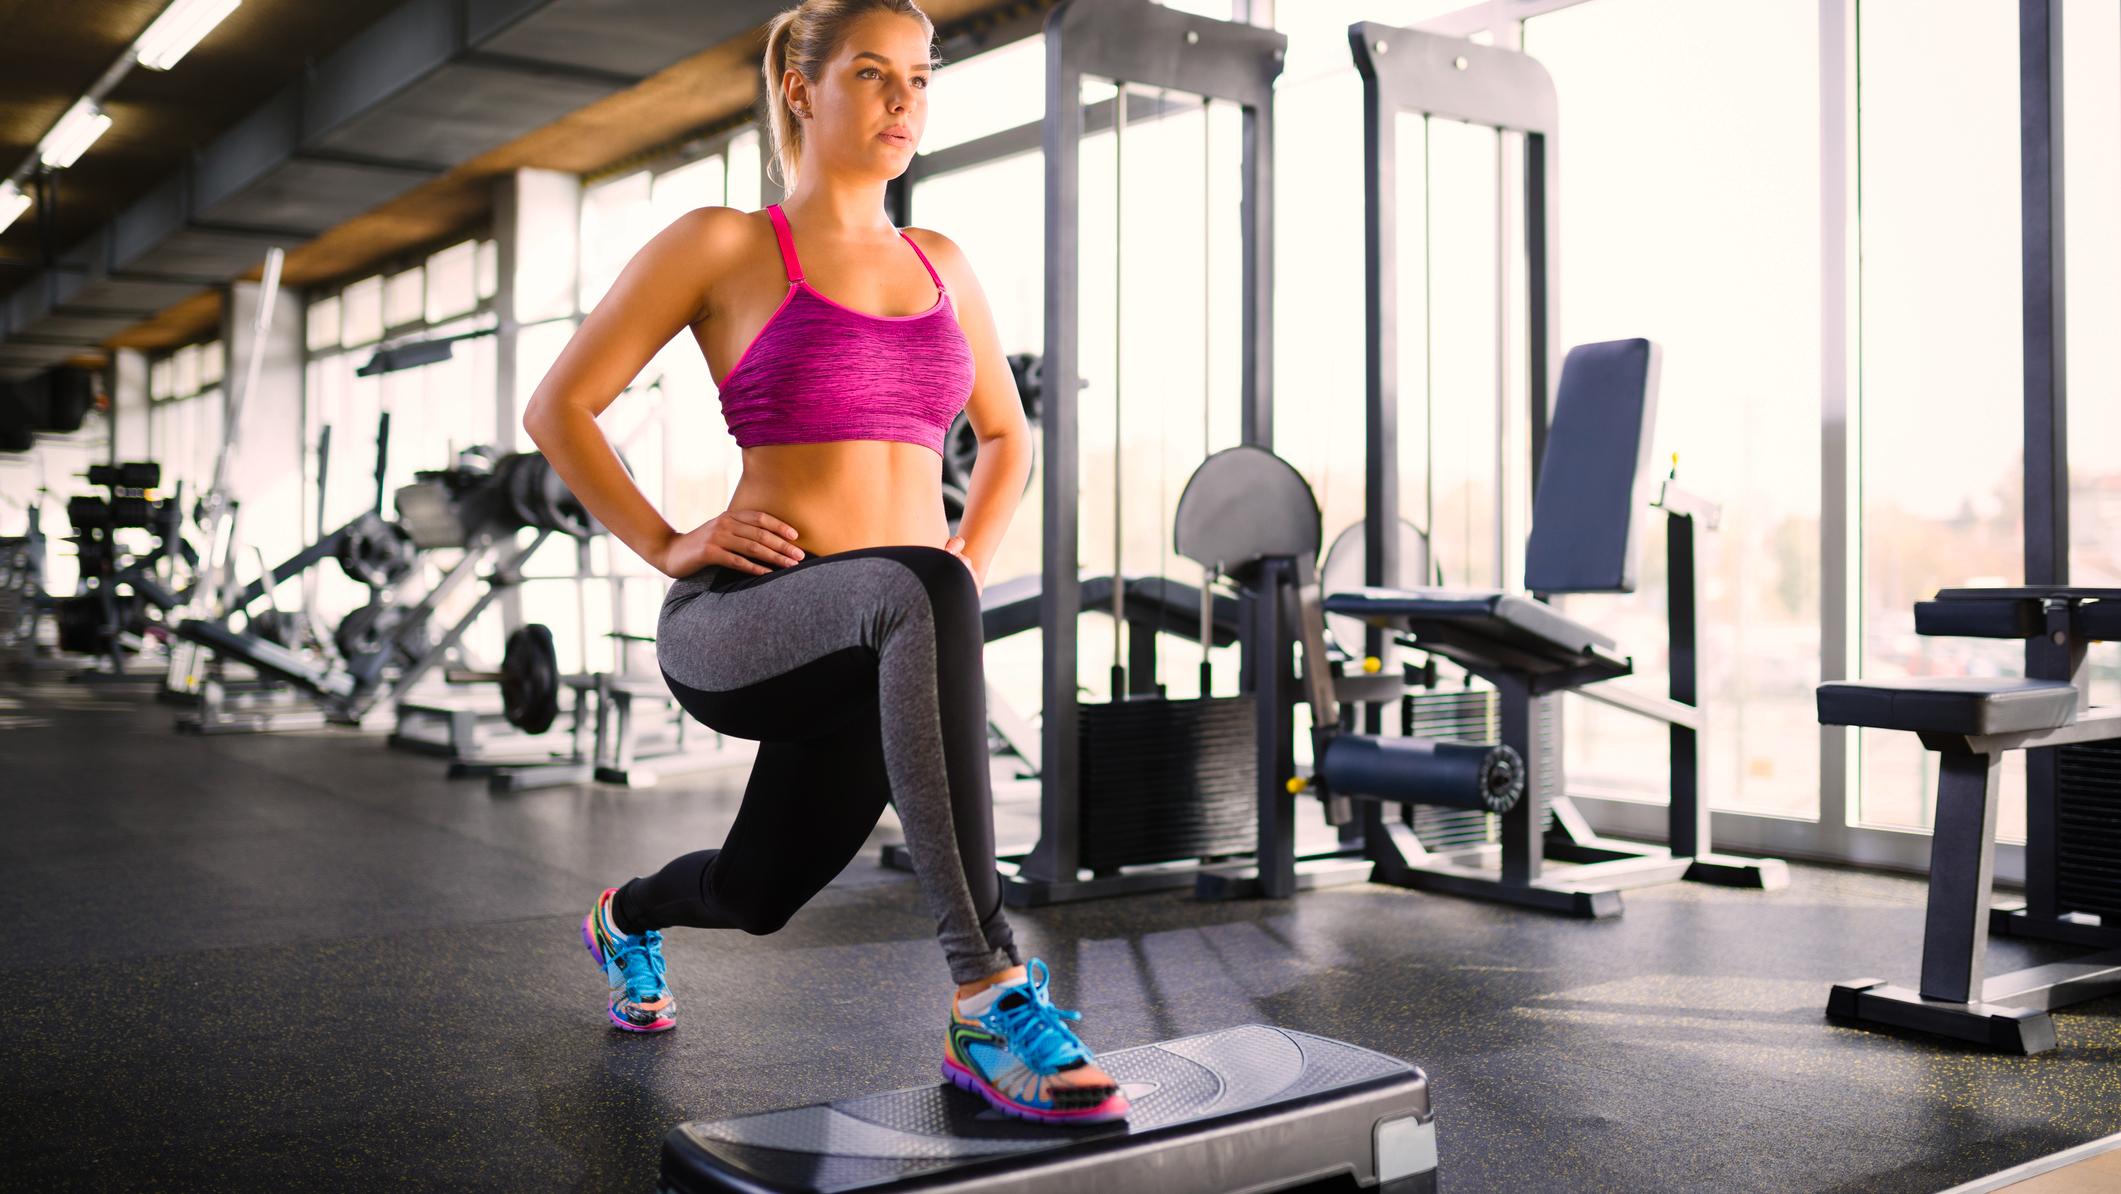 Quels Exercices Pour Se Muscler Avec Un Step Cosmopolitanfr